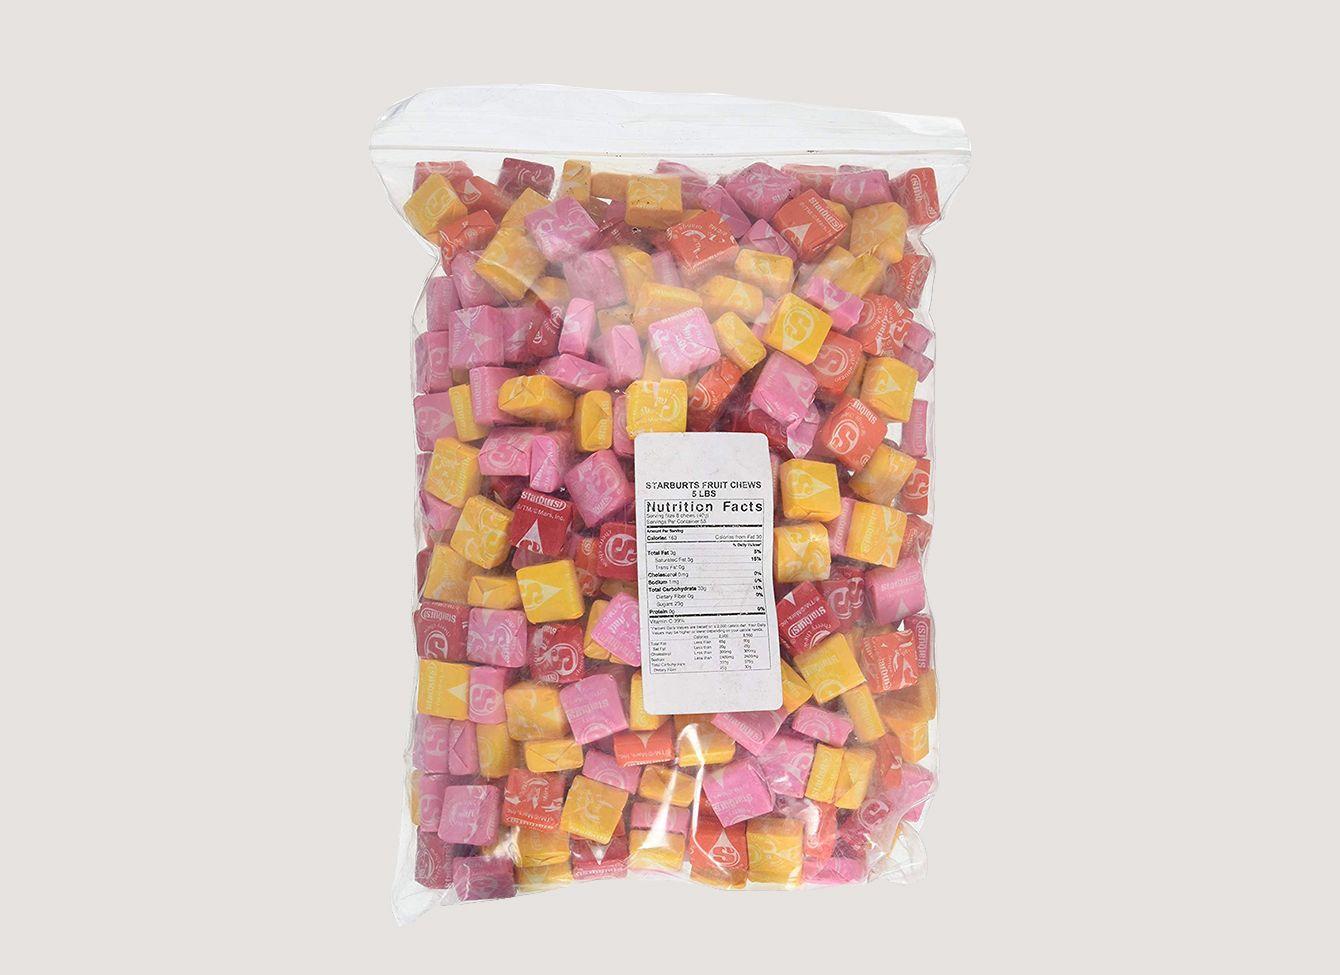 Starburst Bulk Candy, 5 Pounds